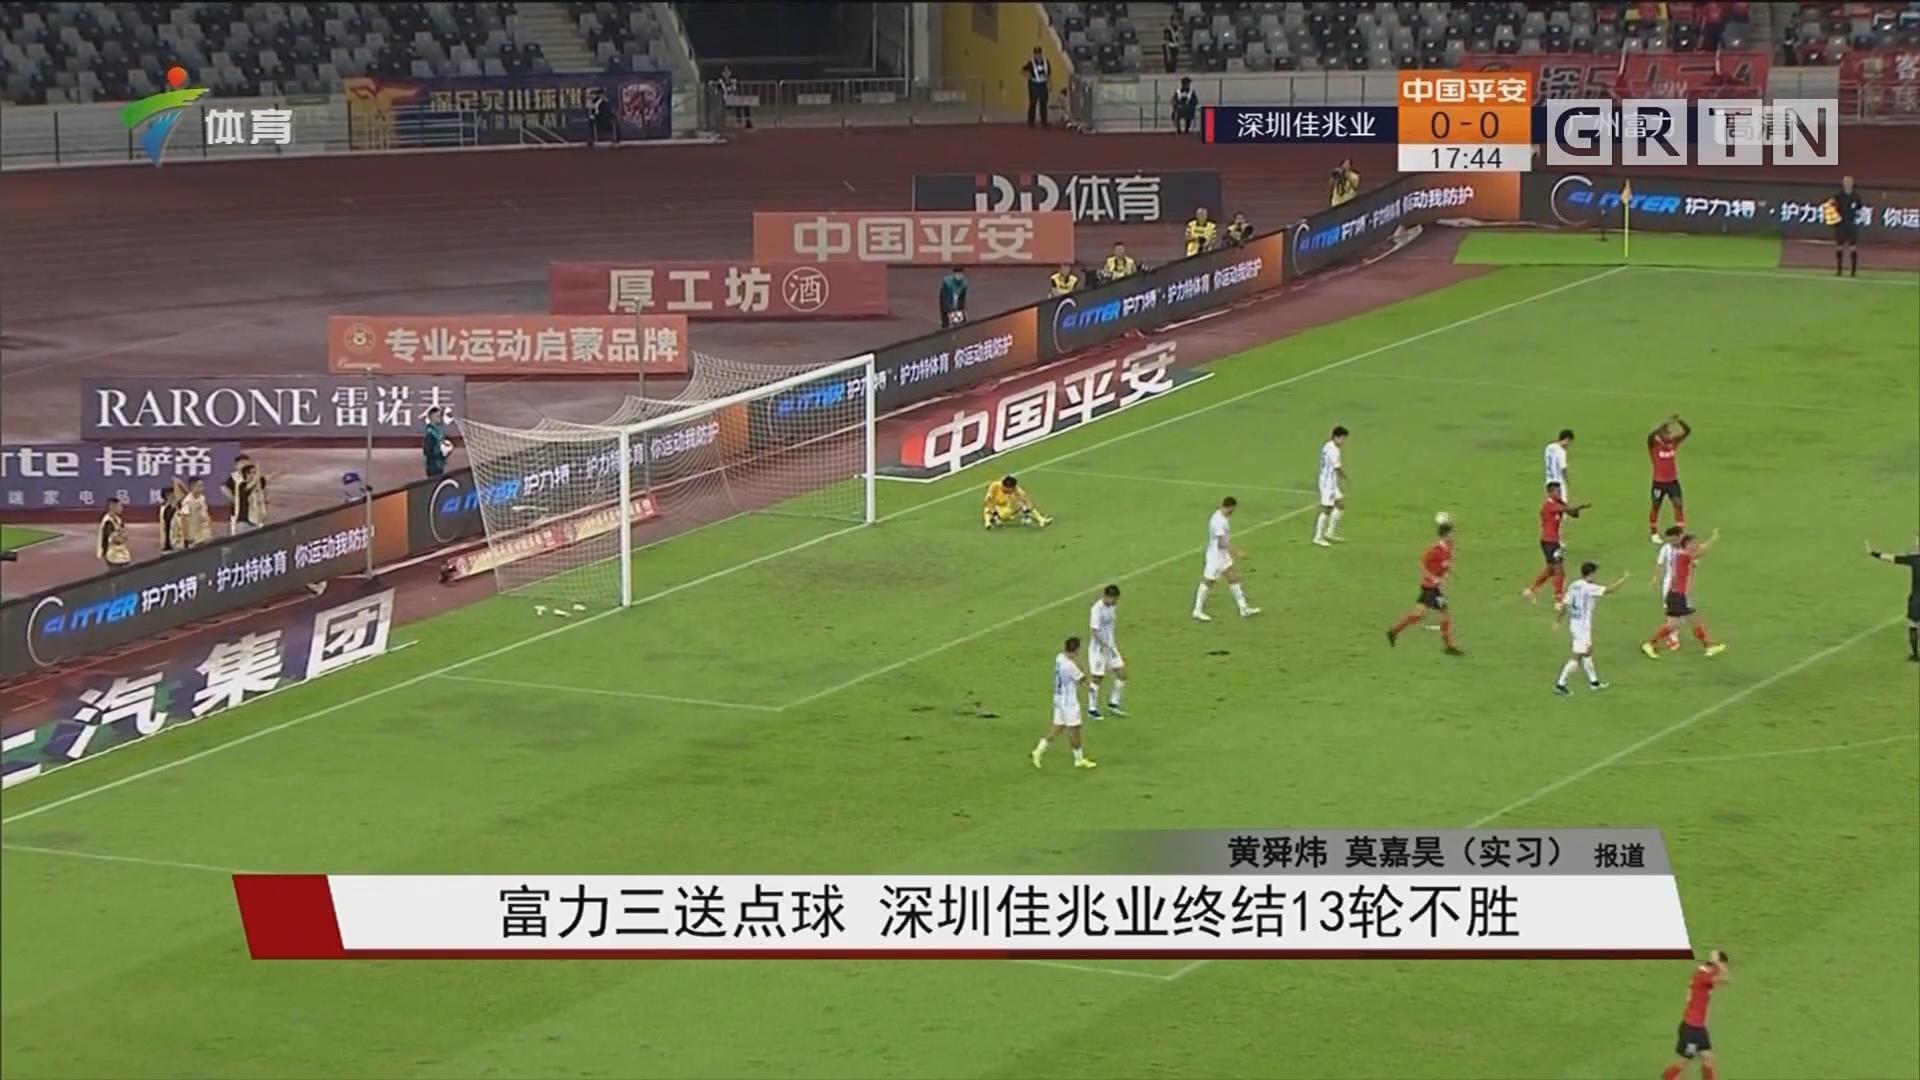 富力三送点球 深圳佳兆业终结13轮不胜